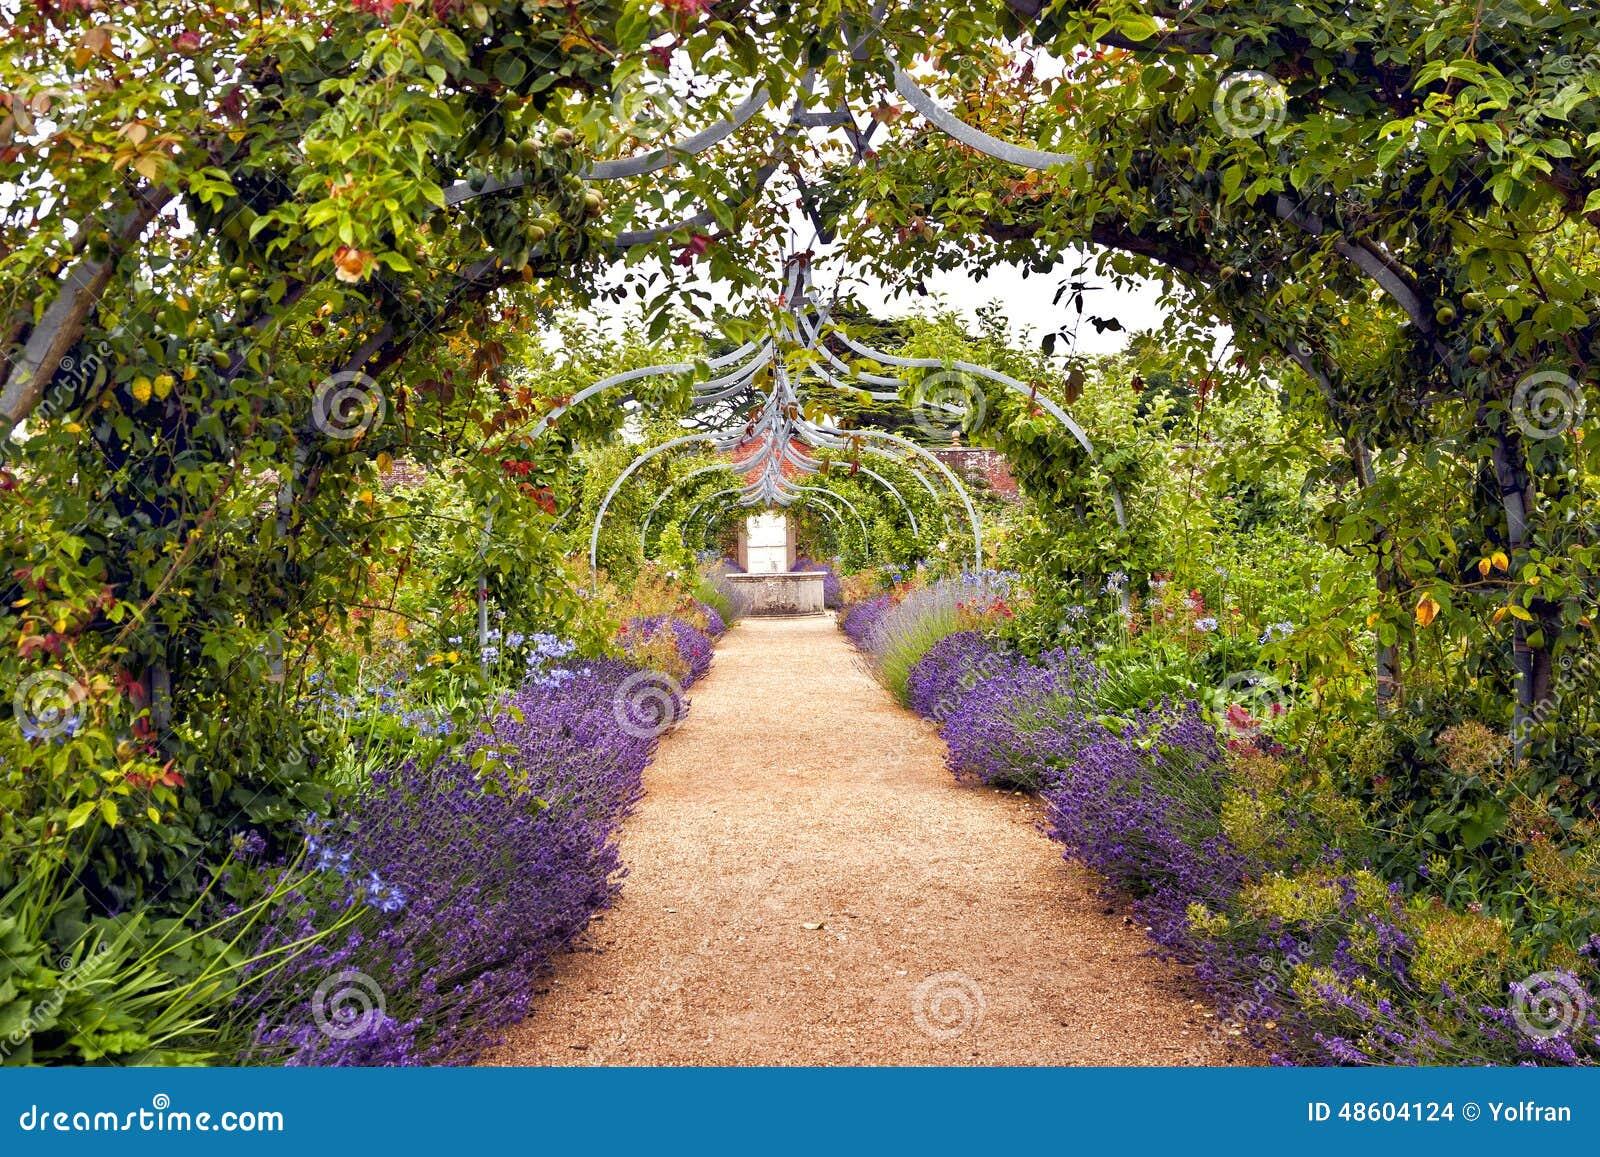 jardin romantique compl tement des fleurs en fleur. Black Bedroom Furniture Sets. Home Design Ideas